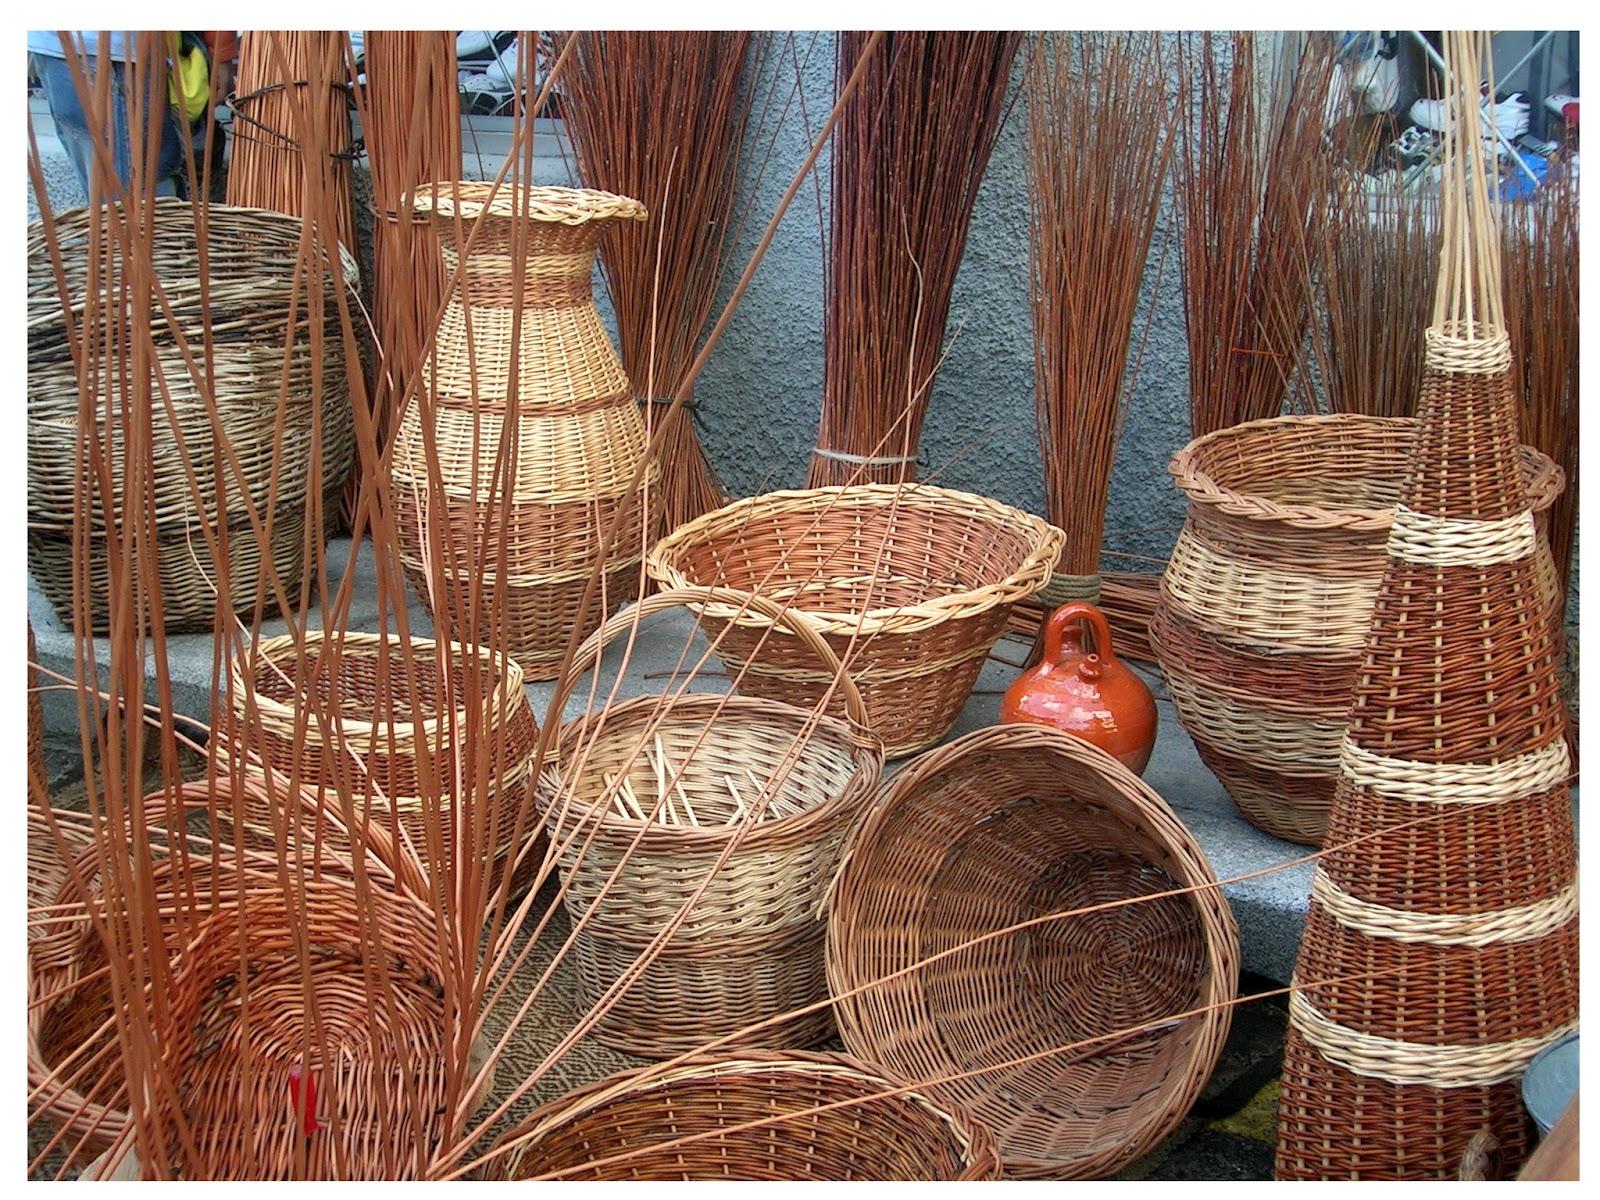 Duende artesano artesan a for Fabrica de canastas de mimbre